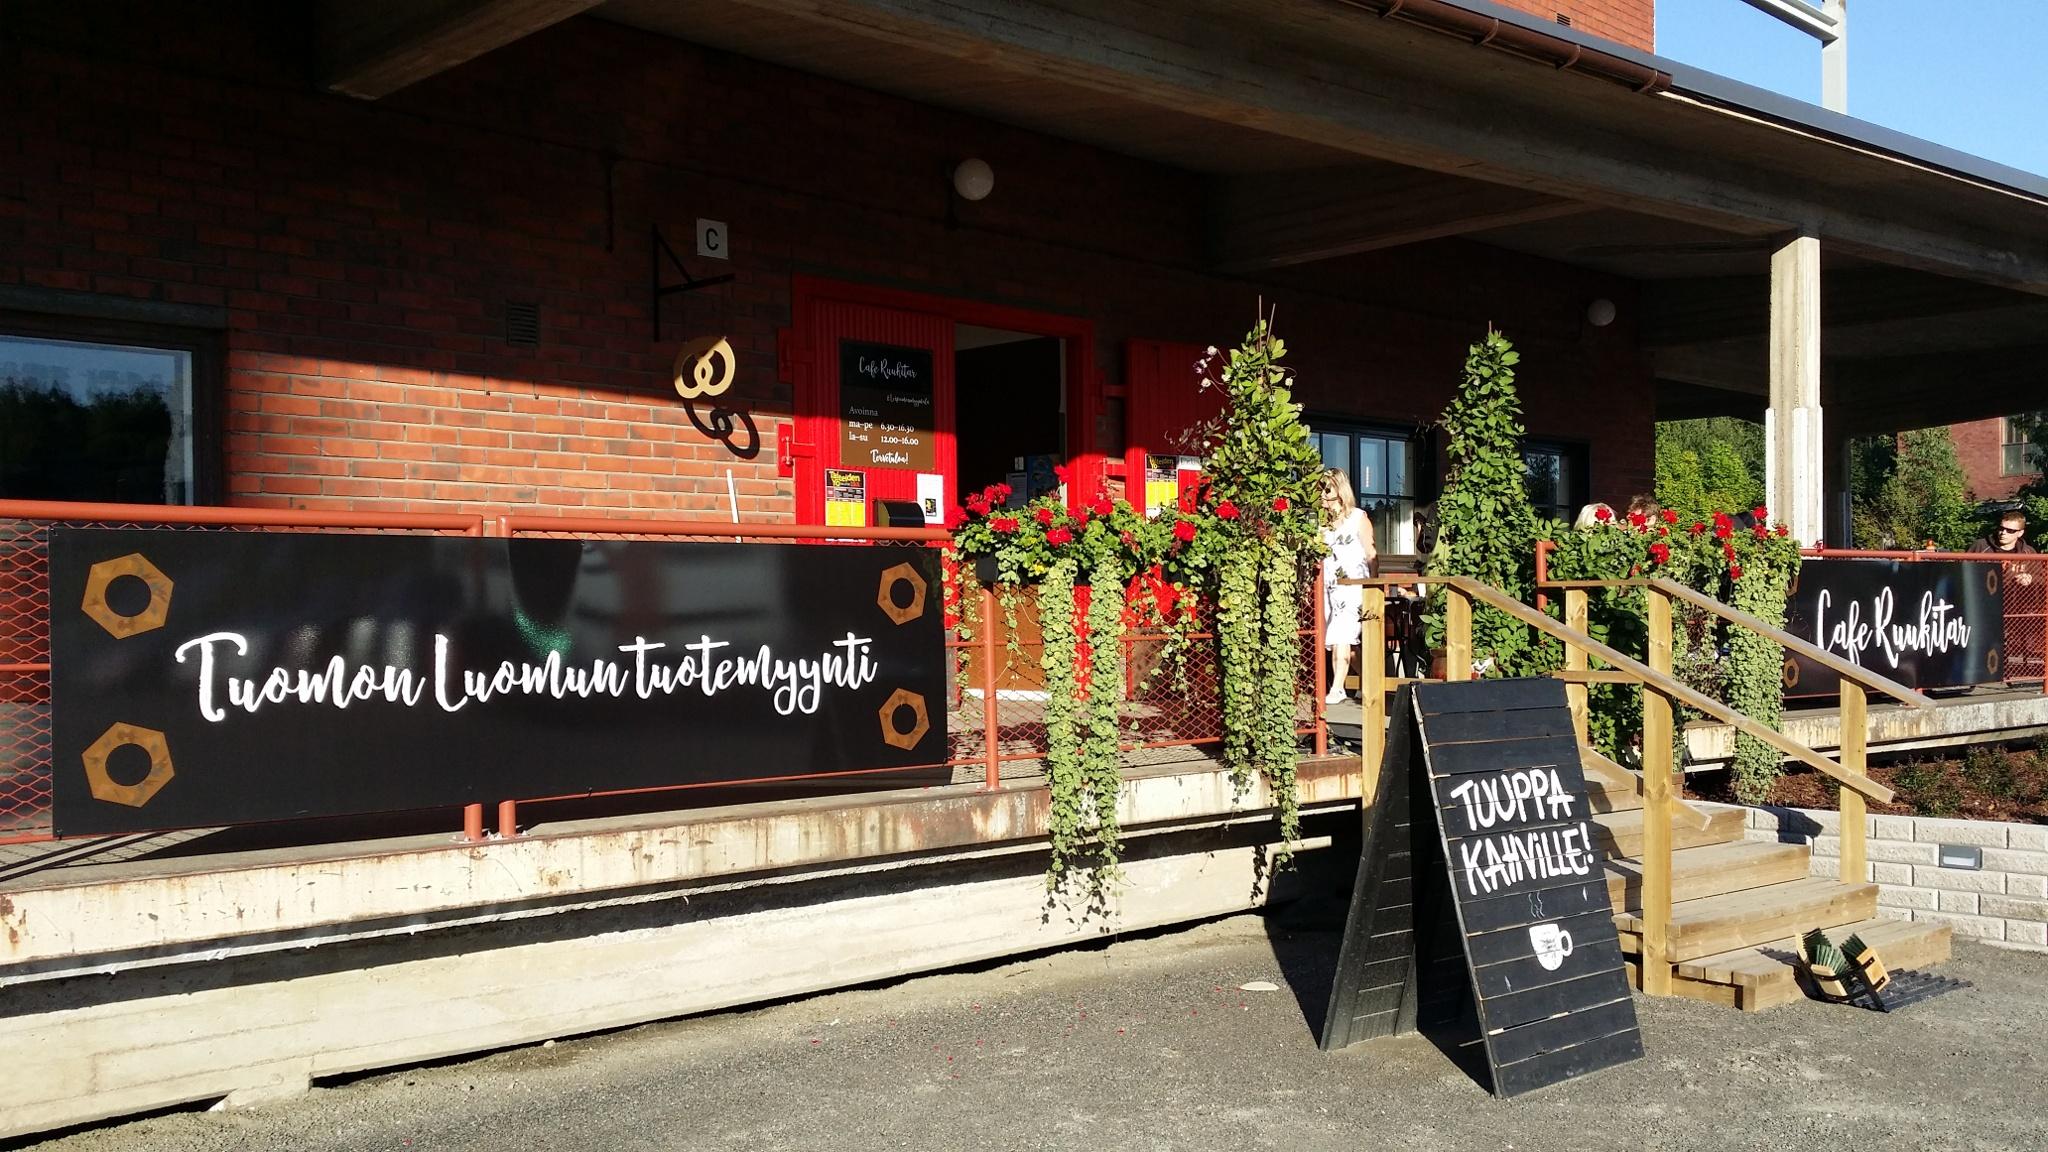 Cafe galleria lappeenranta